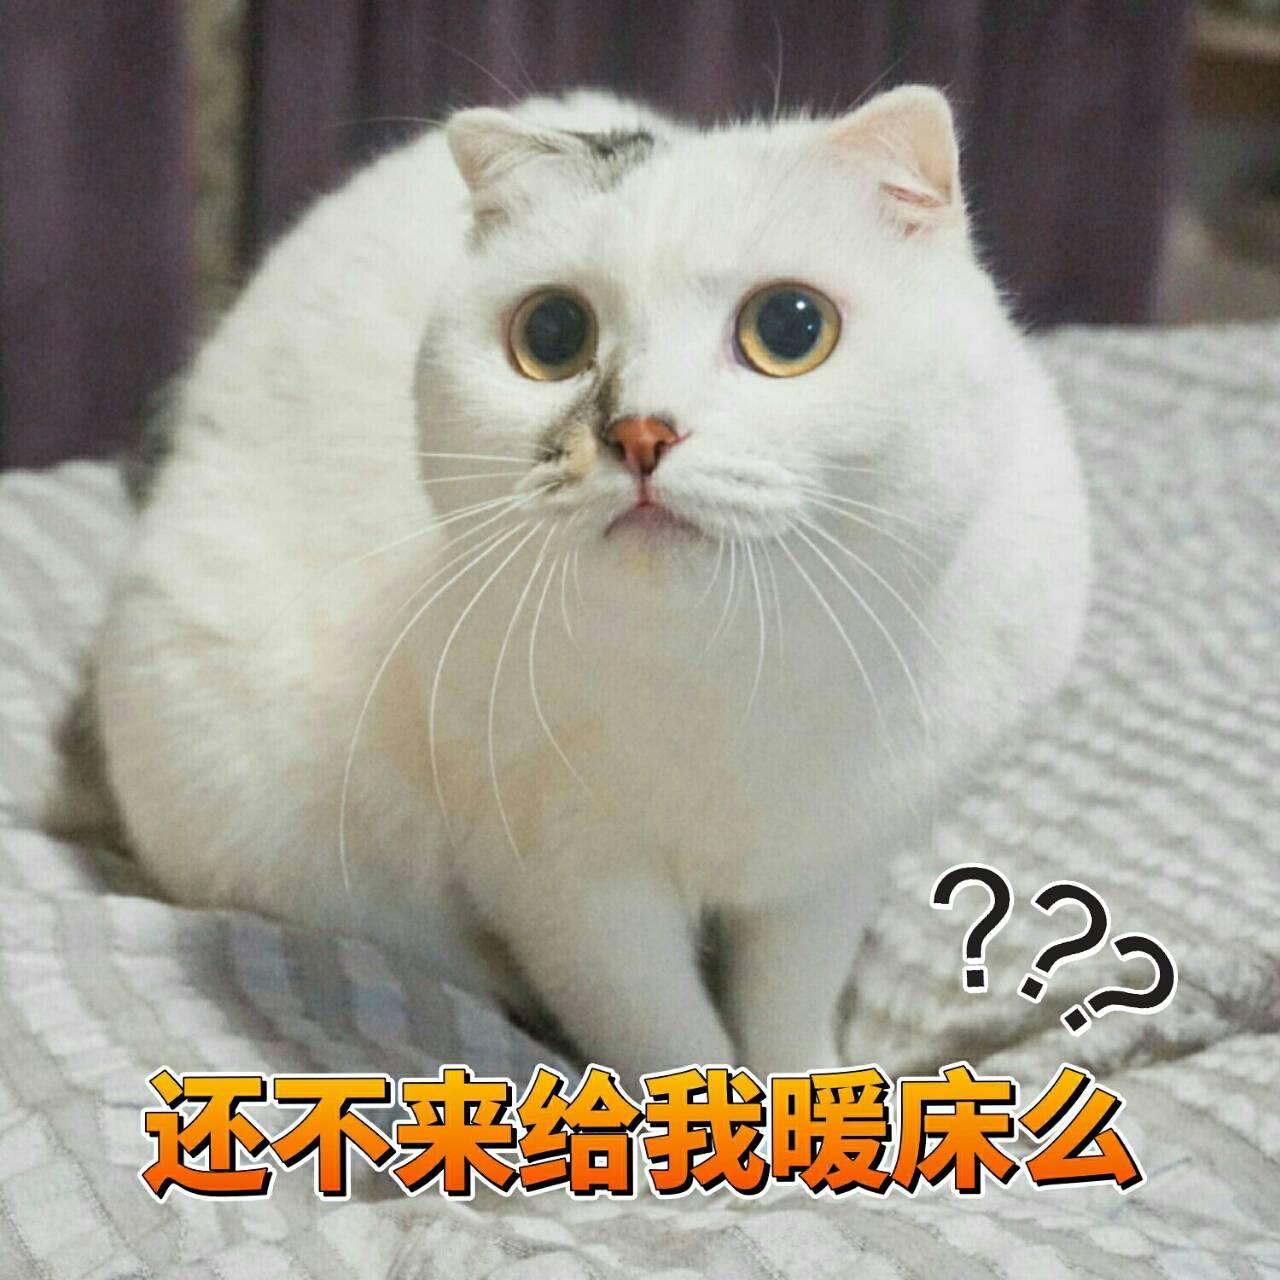 一组可爱表情表情的猫咪分享图蜜桃包可爱怎么画的图片